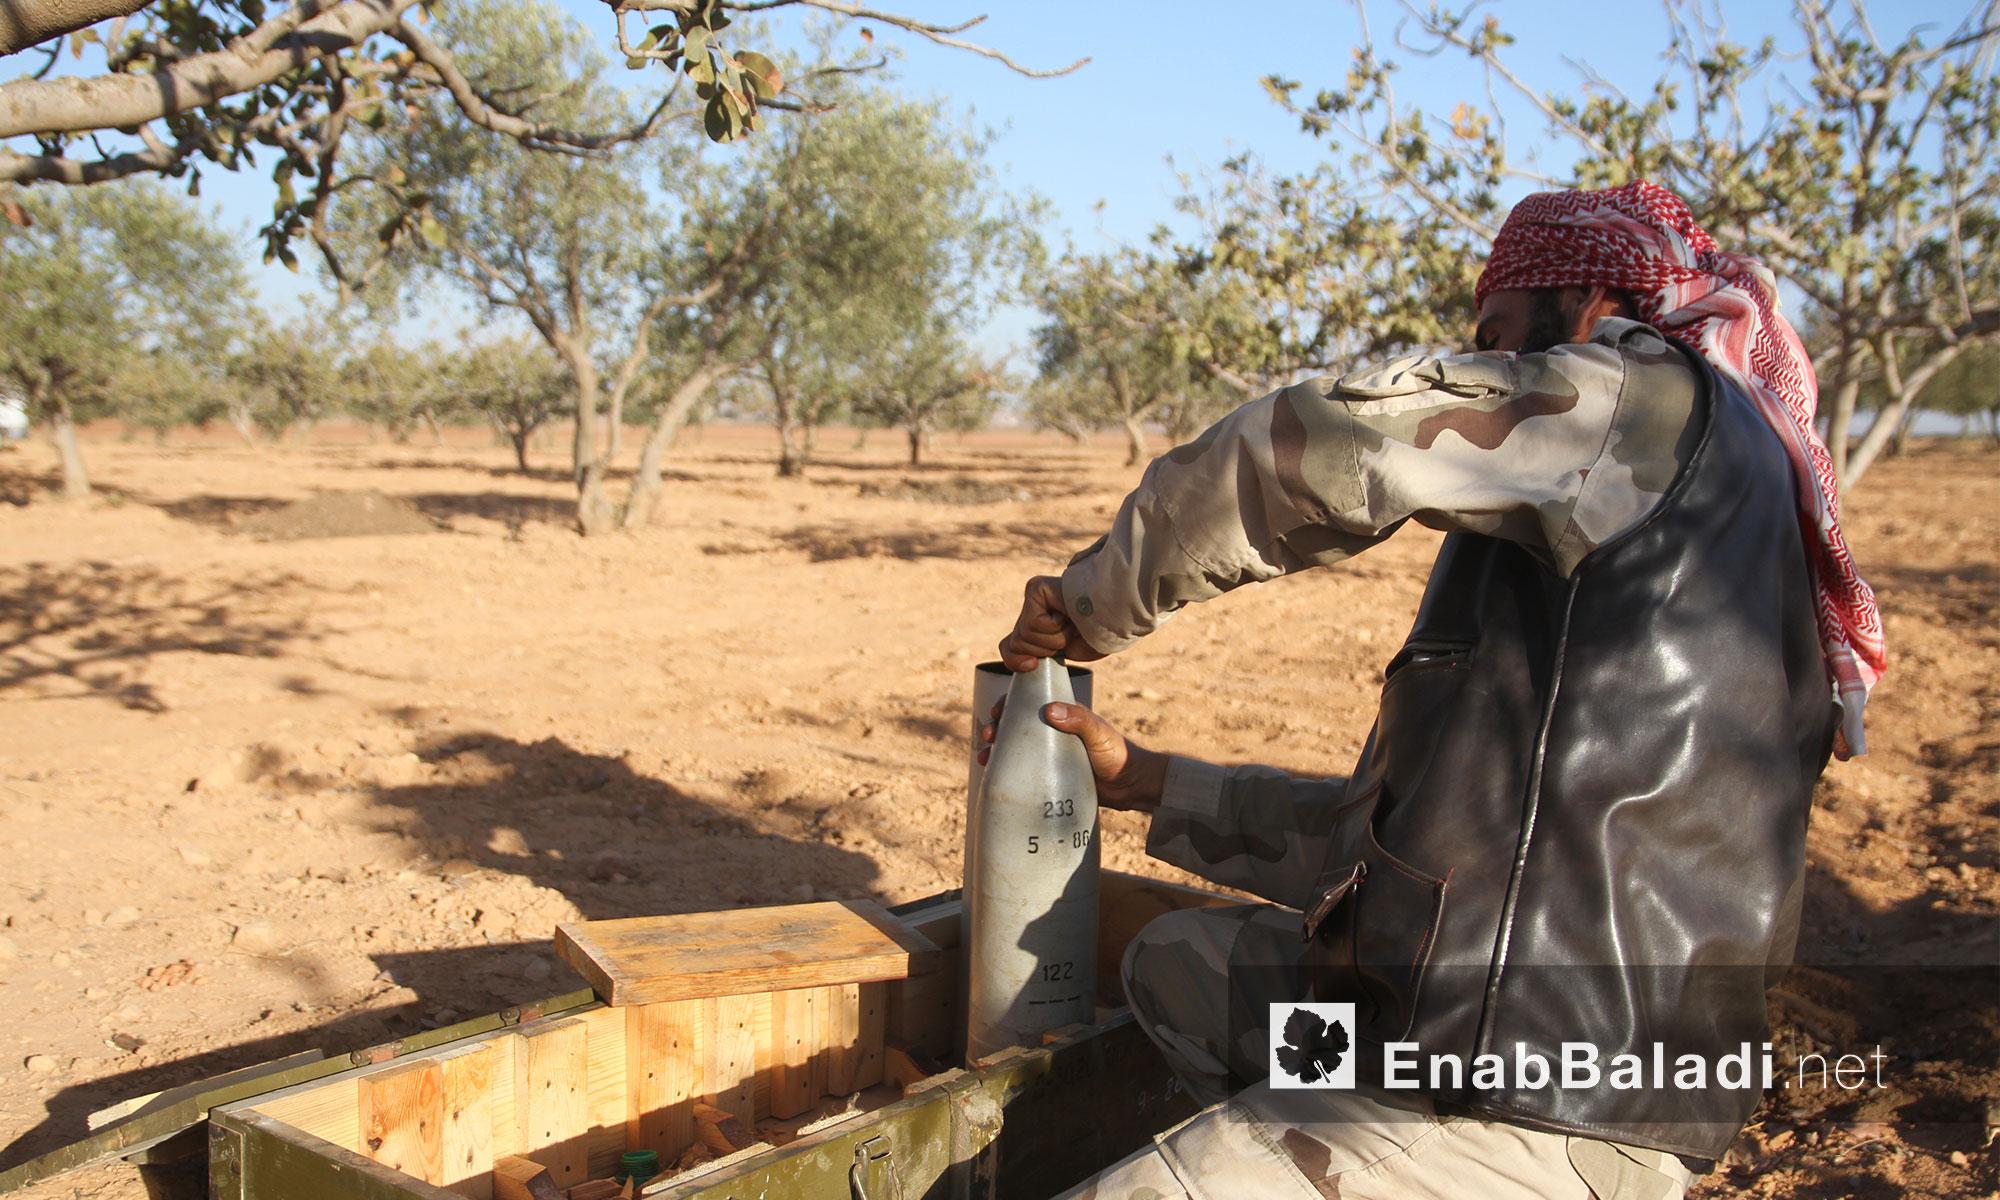 """مقاتل من حركة """"أحرار الشام"""" قرب بلدة القاهرة في ريف حماة الشمالي - الثلاثاء 27 أيلول (عنب بلدي)"""